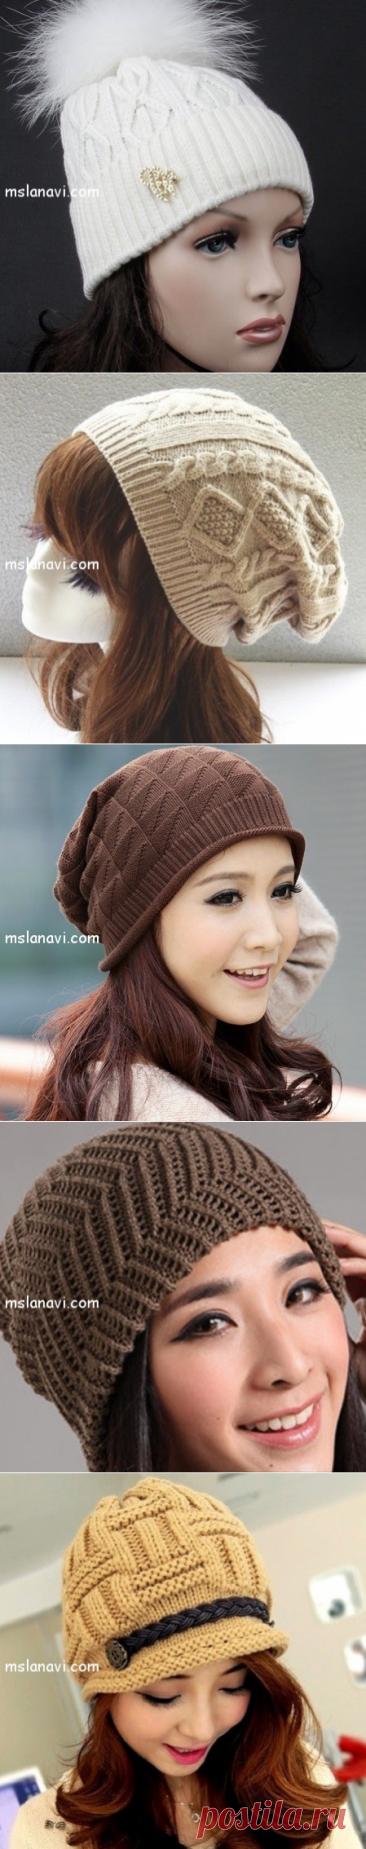 Модные шапочки спицами: разные варианты идей   Вяжем с Лана Ви